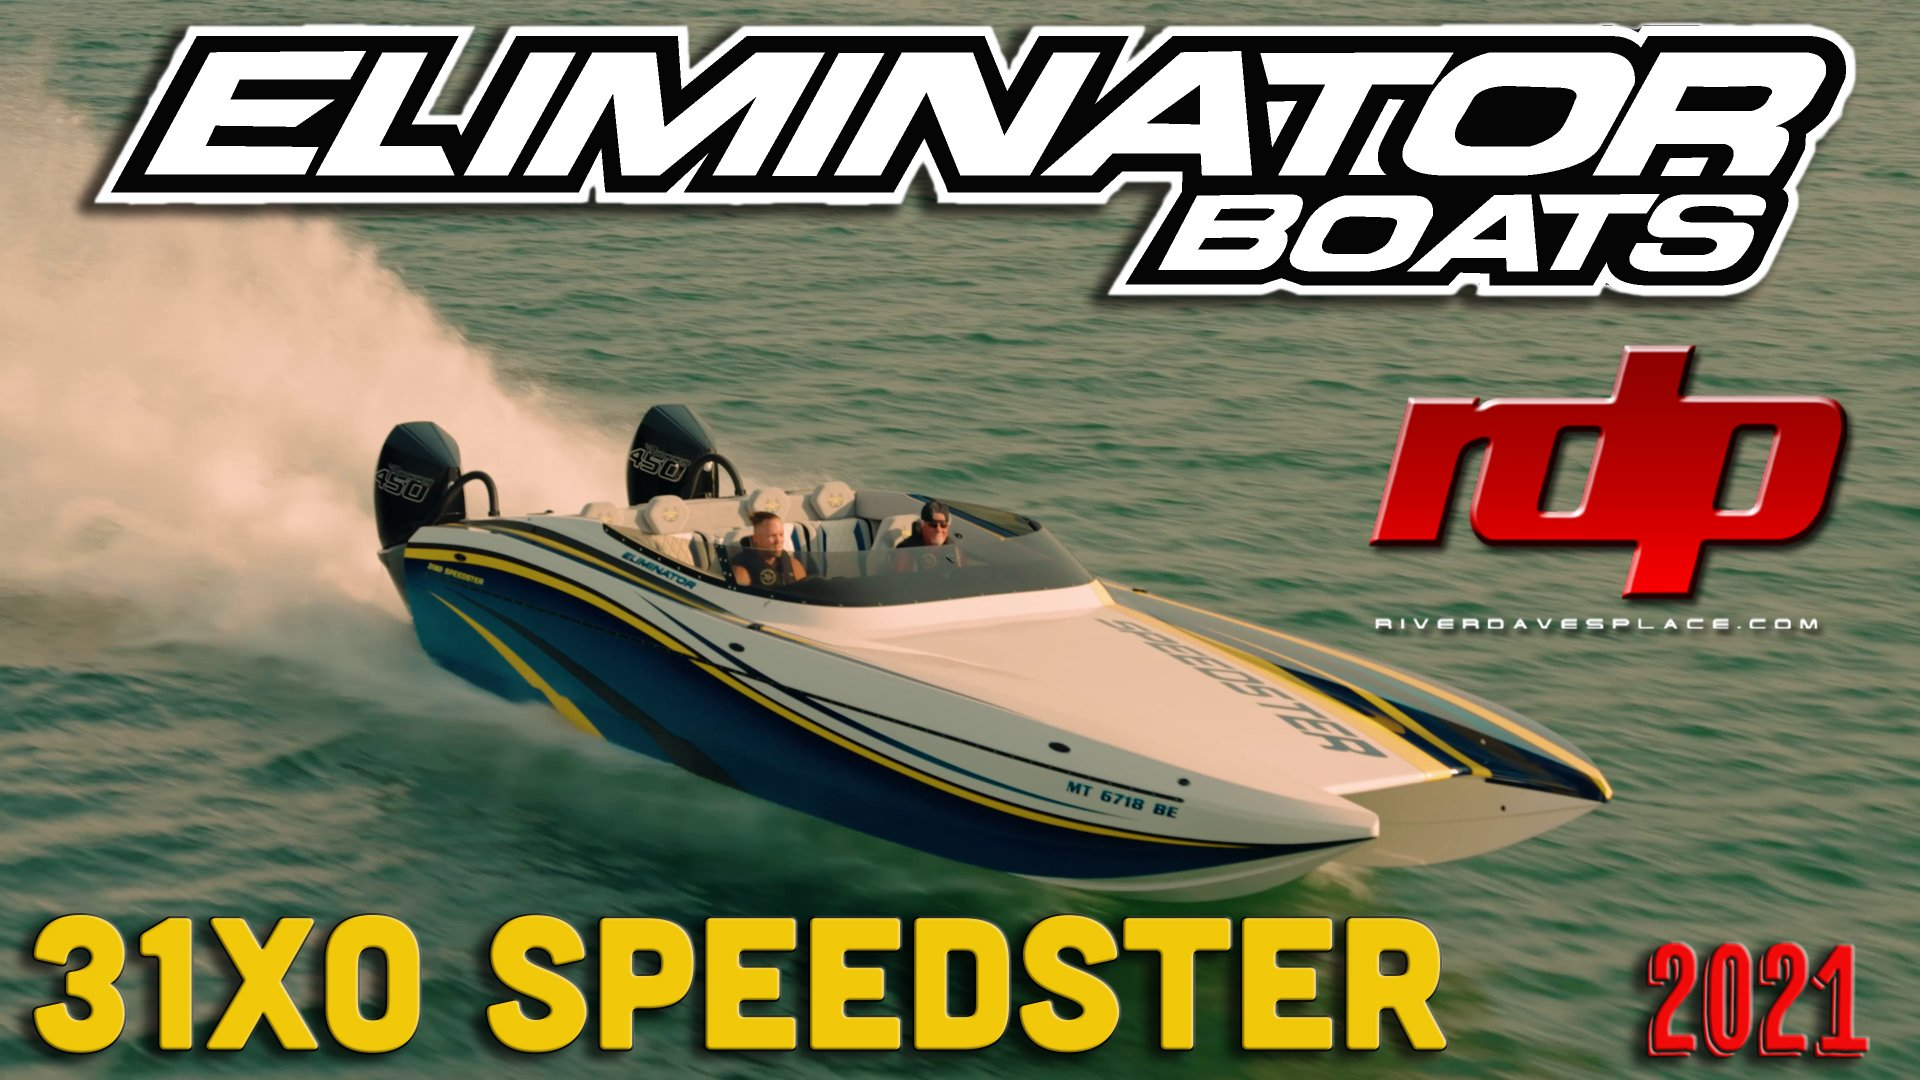 Eliminator 31xo speedster thumb.jpg